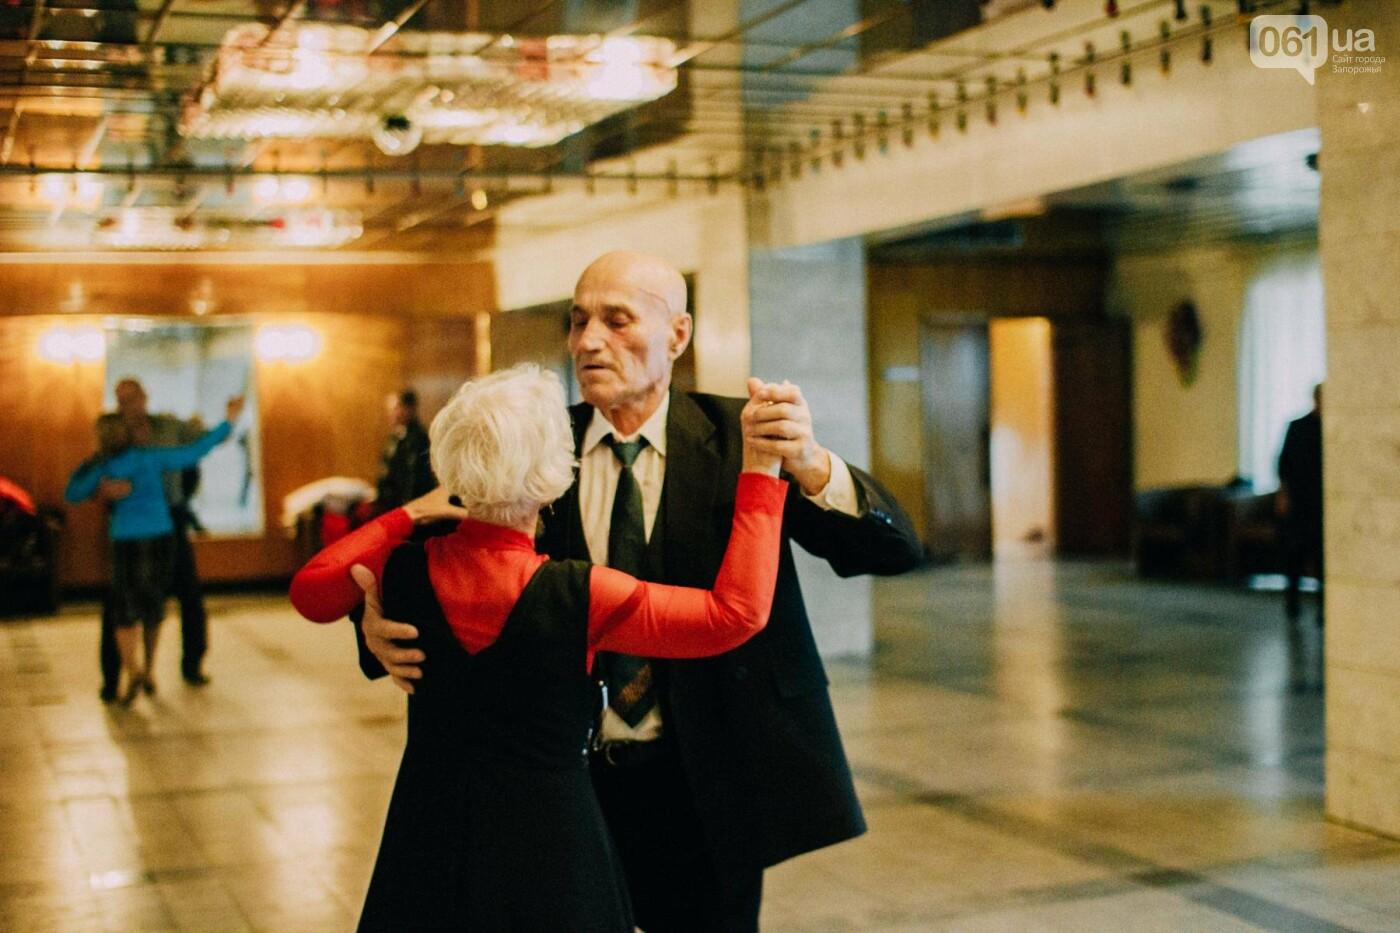 """""""Я ей сказал - до 90 лет будем танцевать!"""": как влюбленные запорожцы нашли друг друга благодаря танцам , фото-6"""